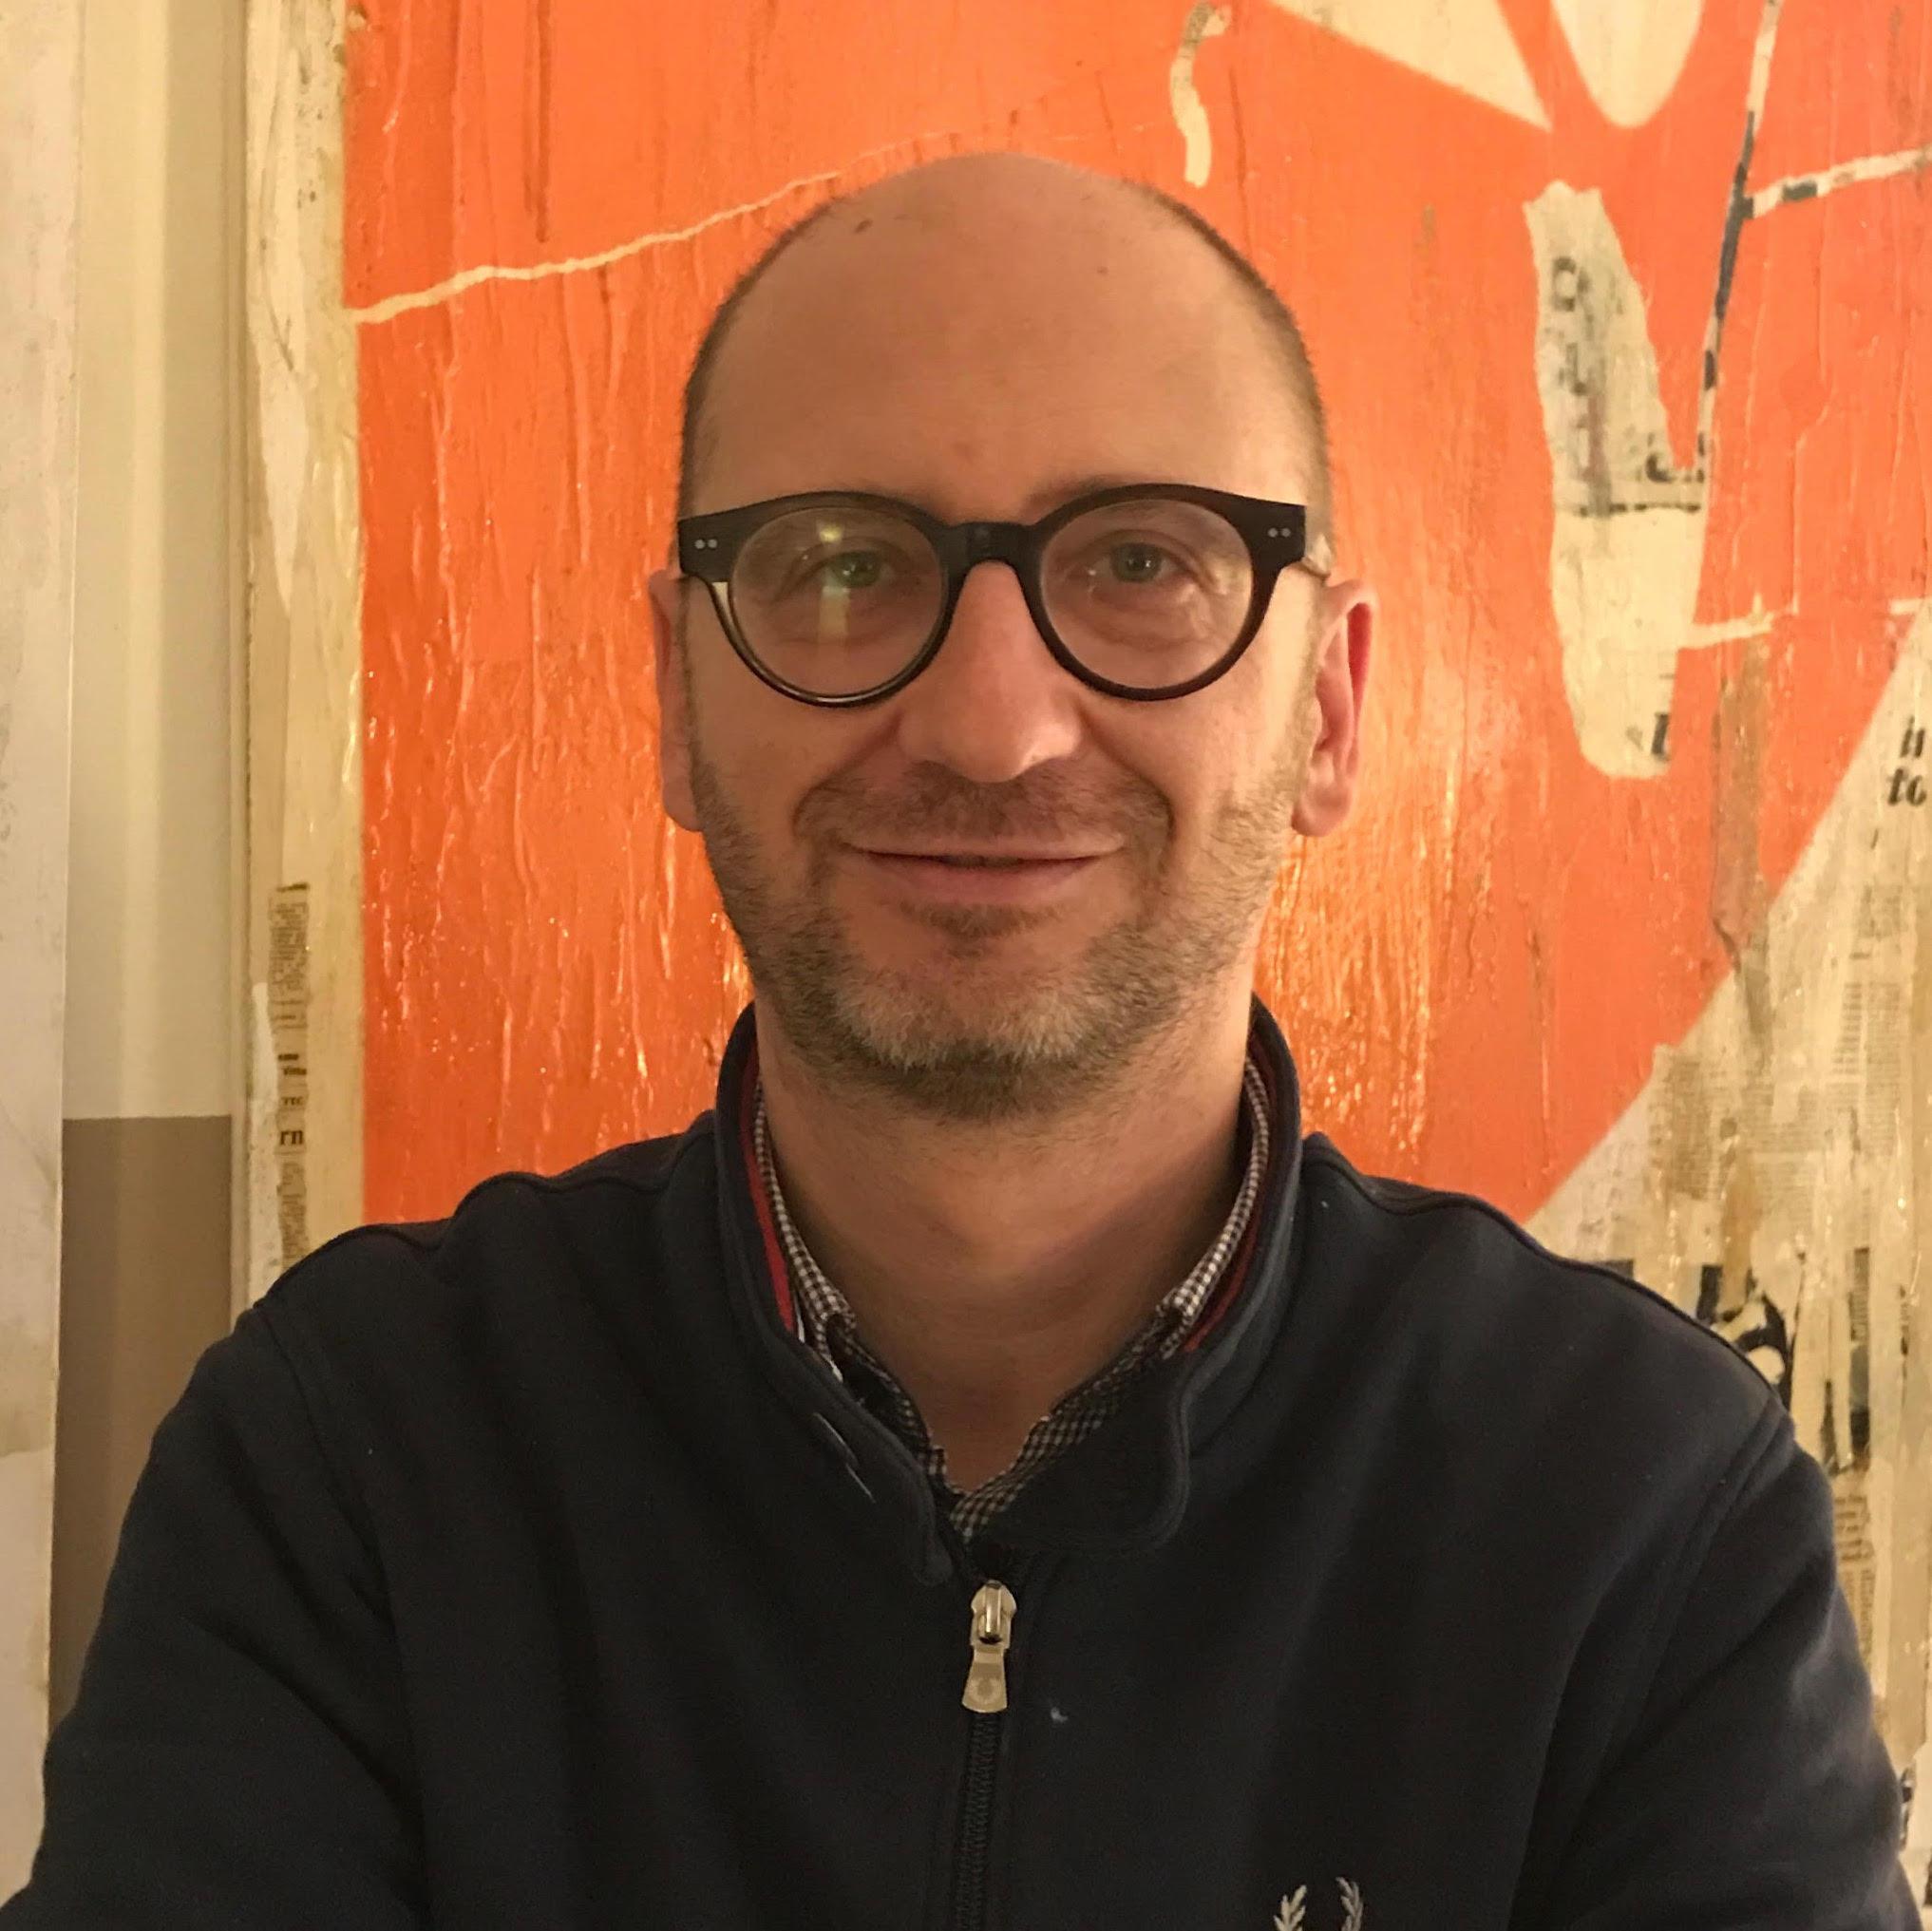 Carlo Tosi